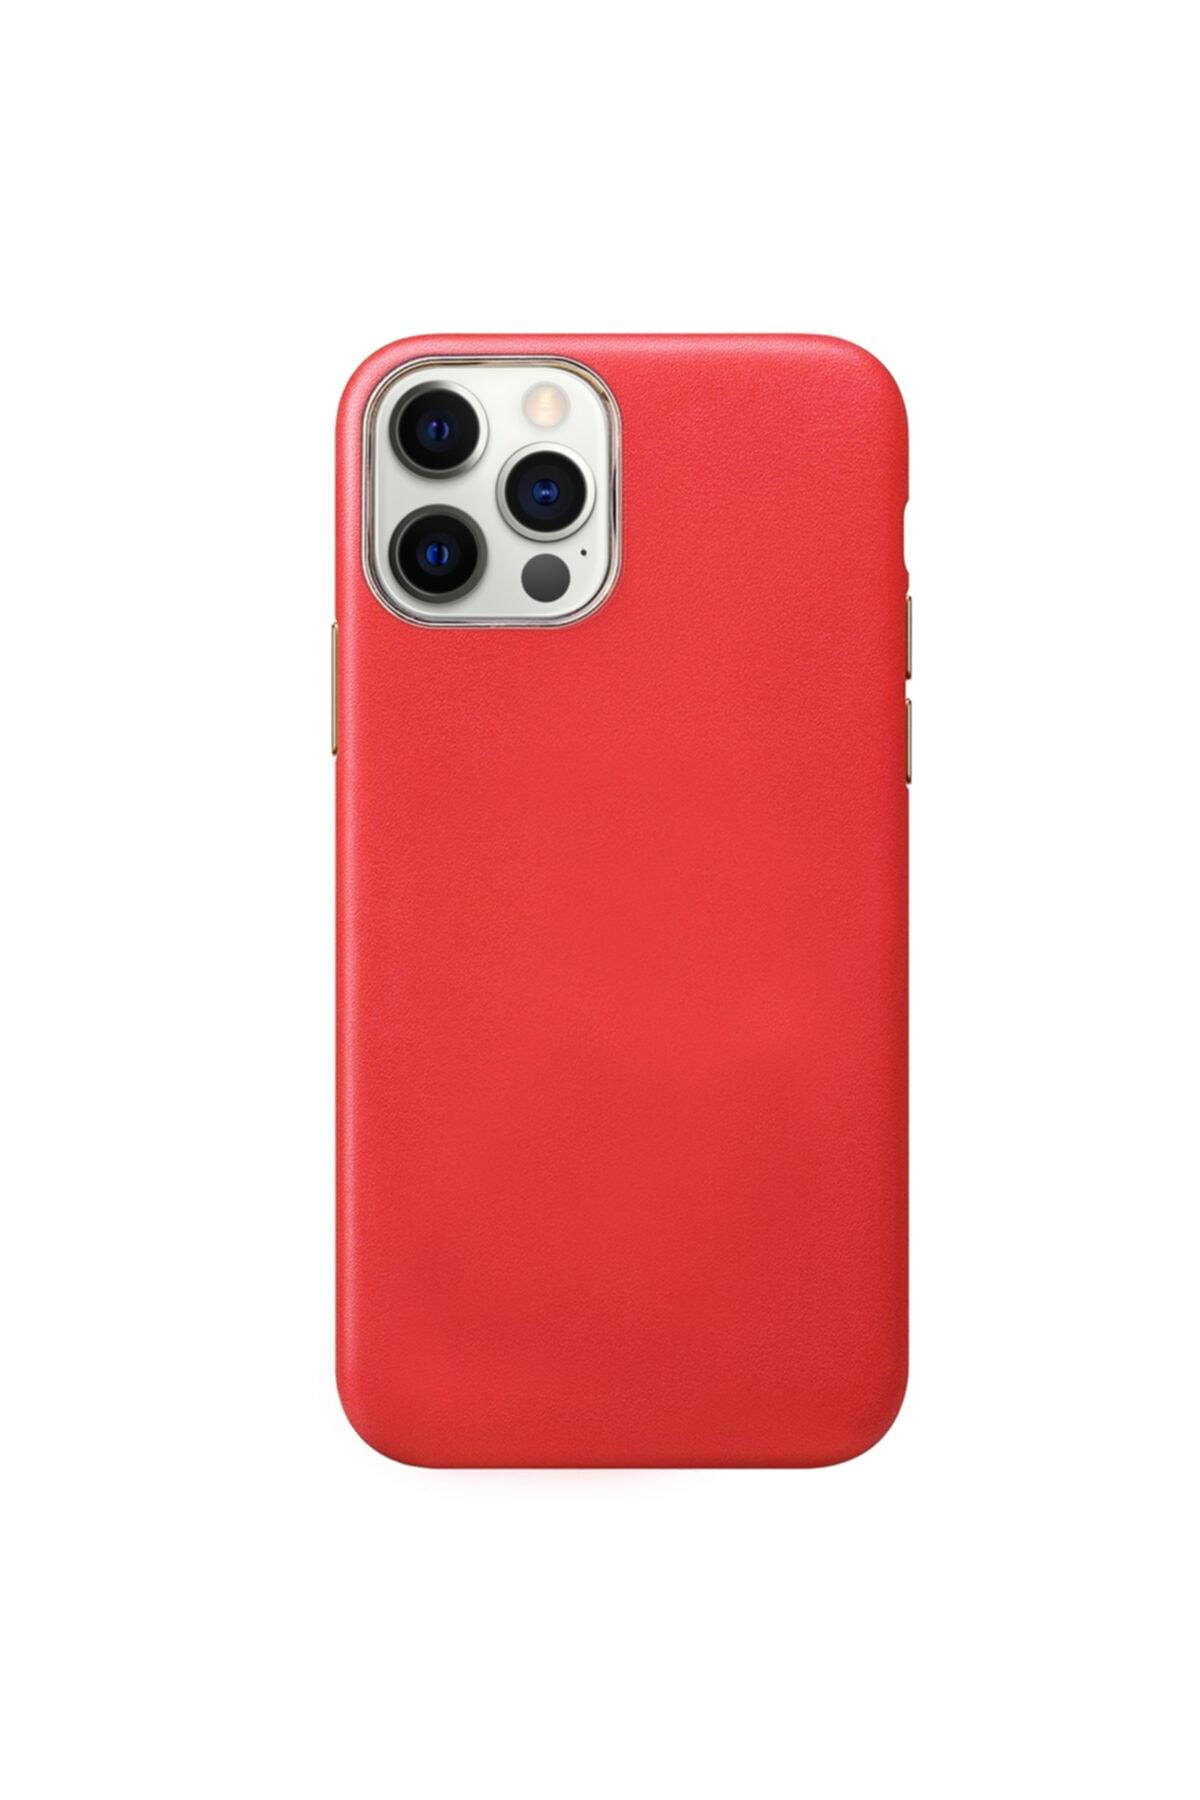 Microsonic Apple Iphone 12 Pro Max Kılıf Luxury Leather Kırmızı 2